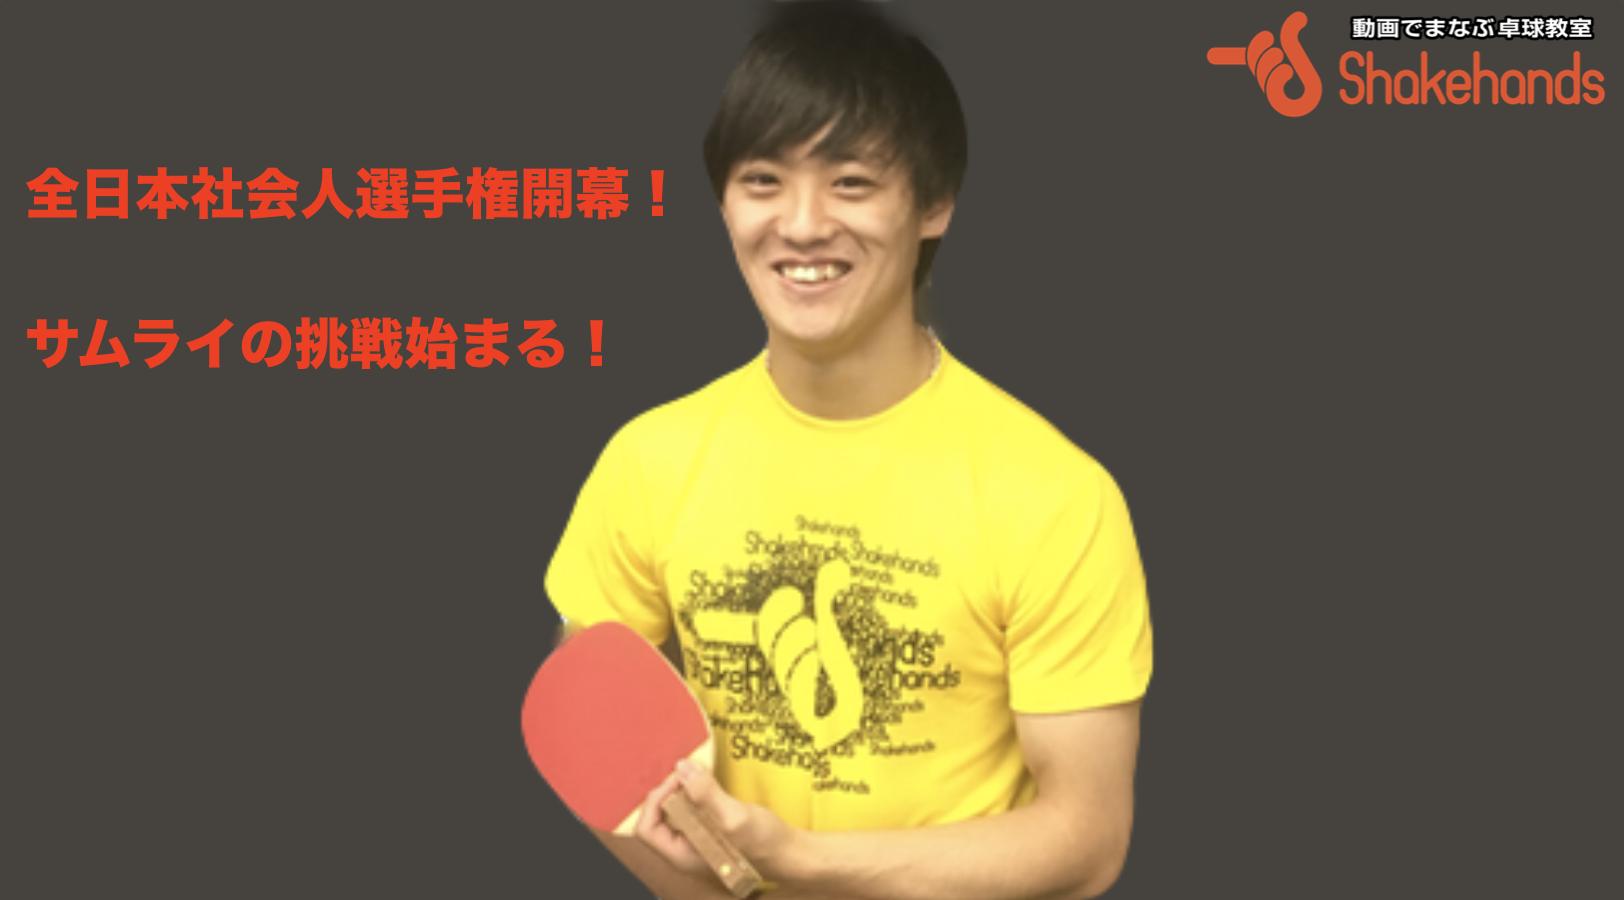 【全日本社会人選手権】サムライ森屋コーチの挑戦!